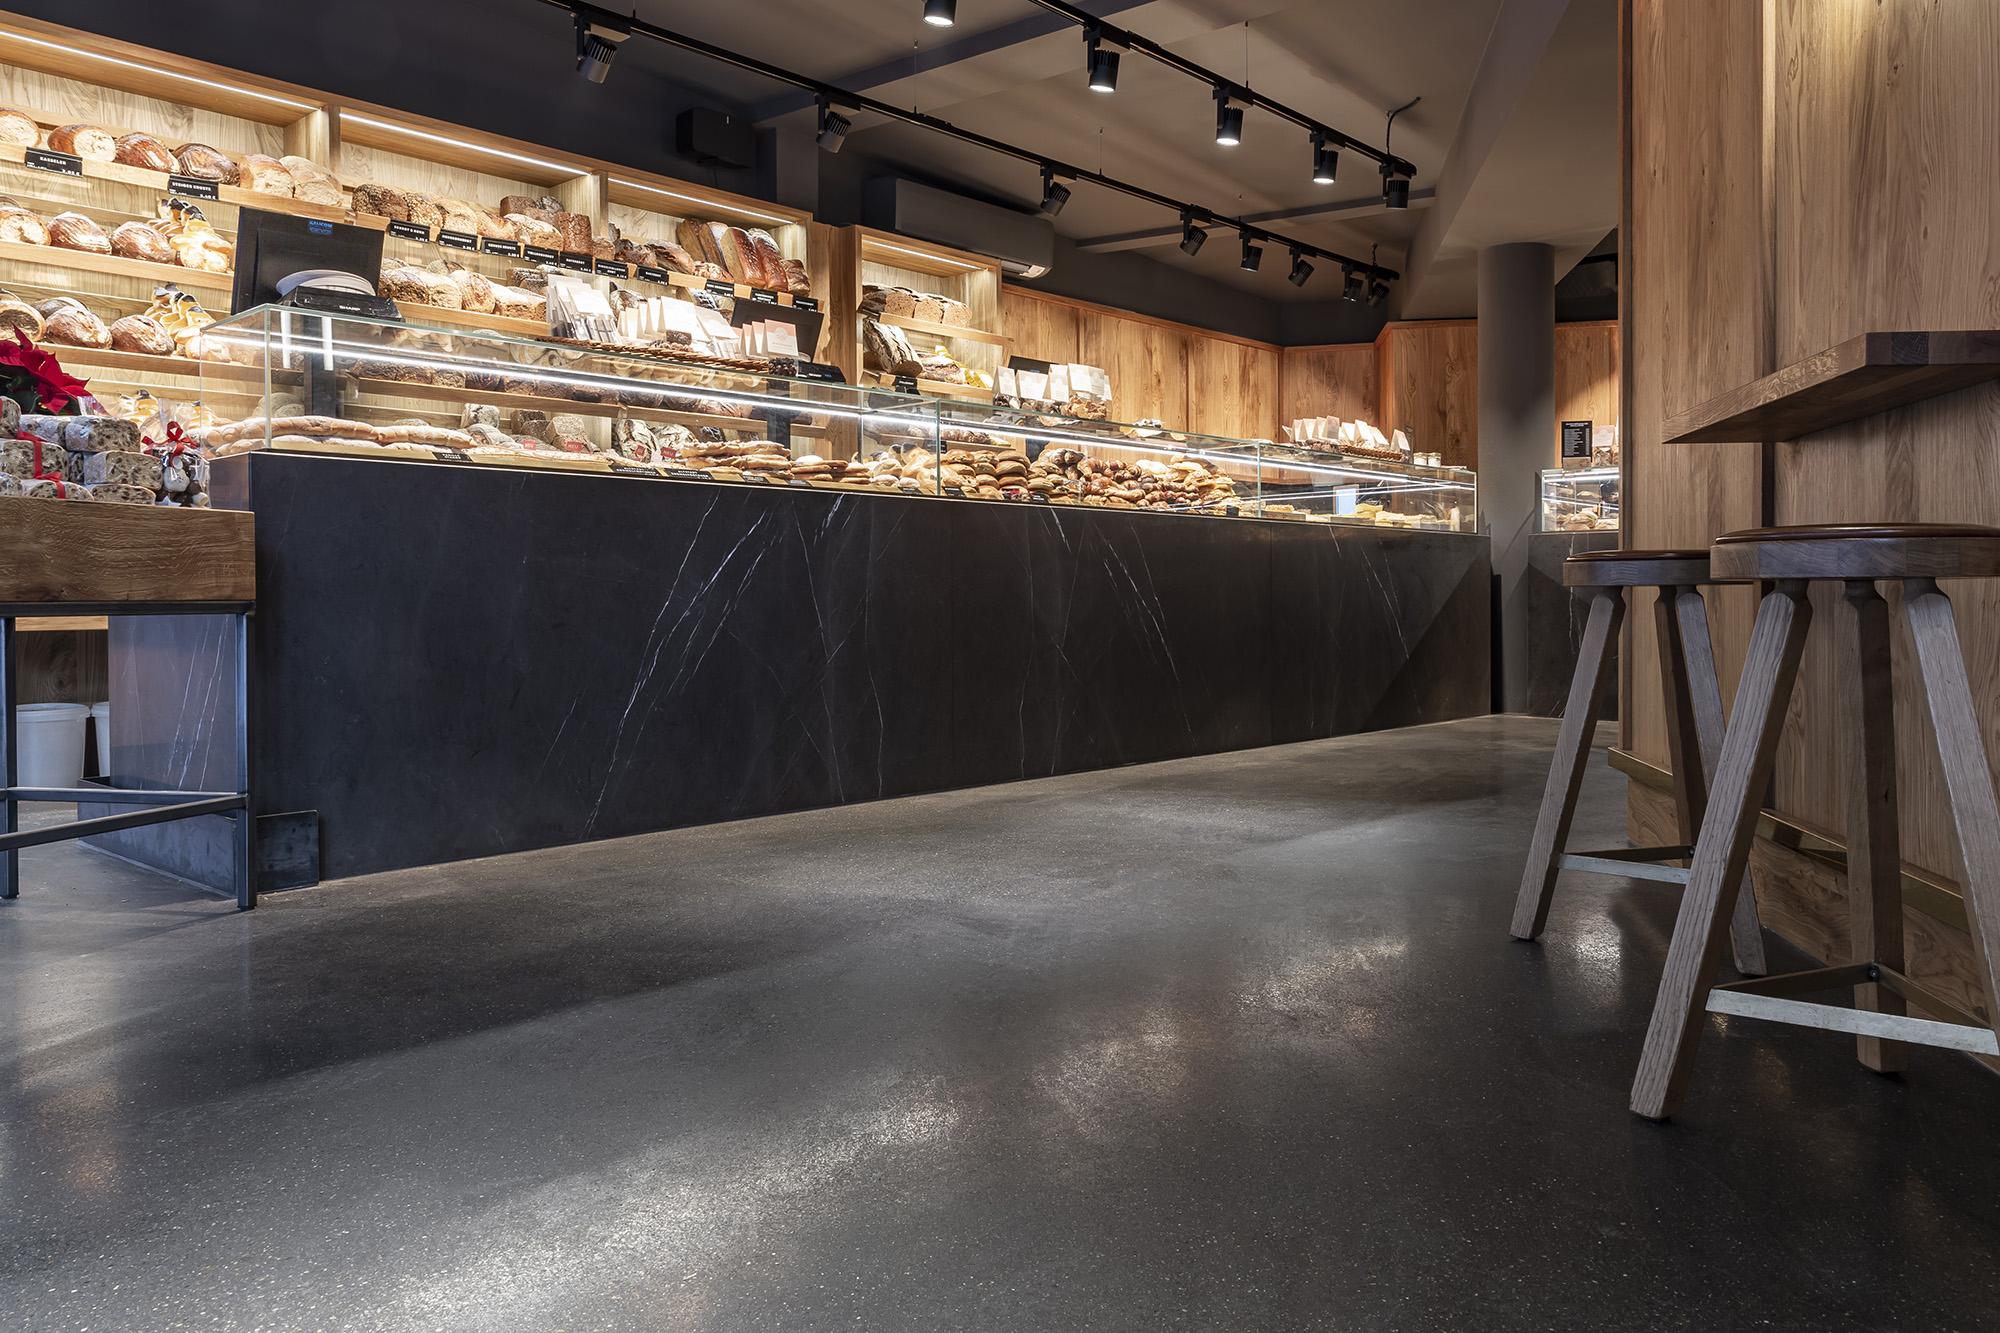 Bäckerei Schmidtmeier, Bochum